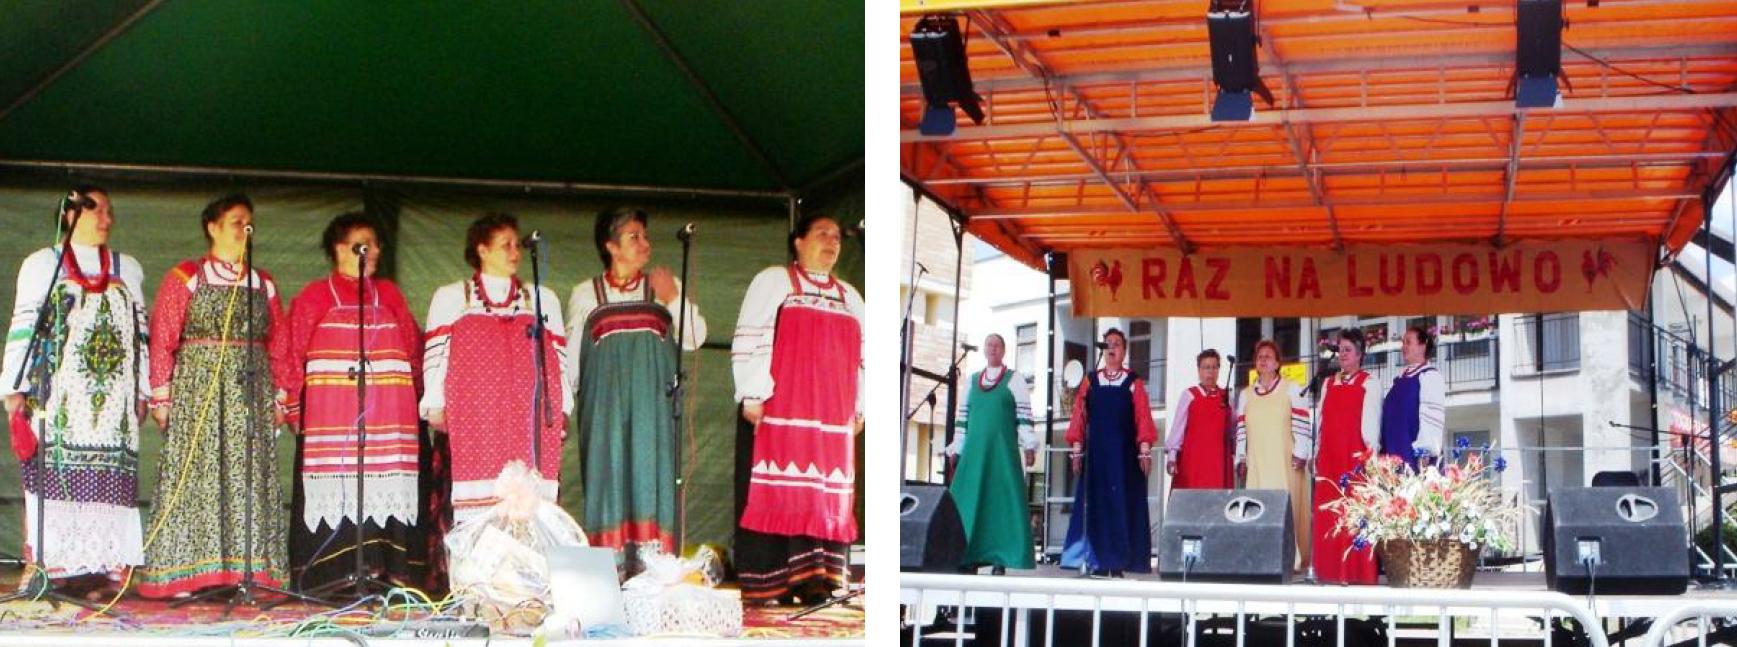 Folklorystyczny zespół Rosjan Starowierów Riabina. Fot. Józefa Drozdowska